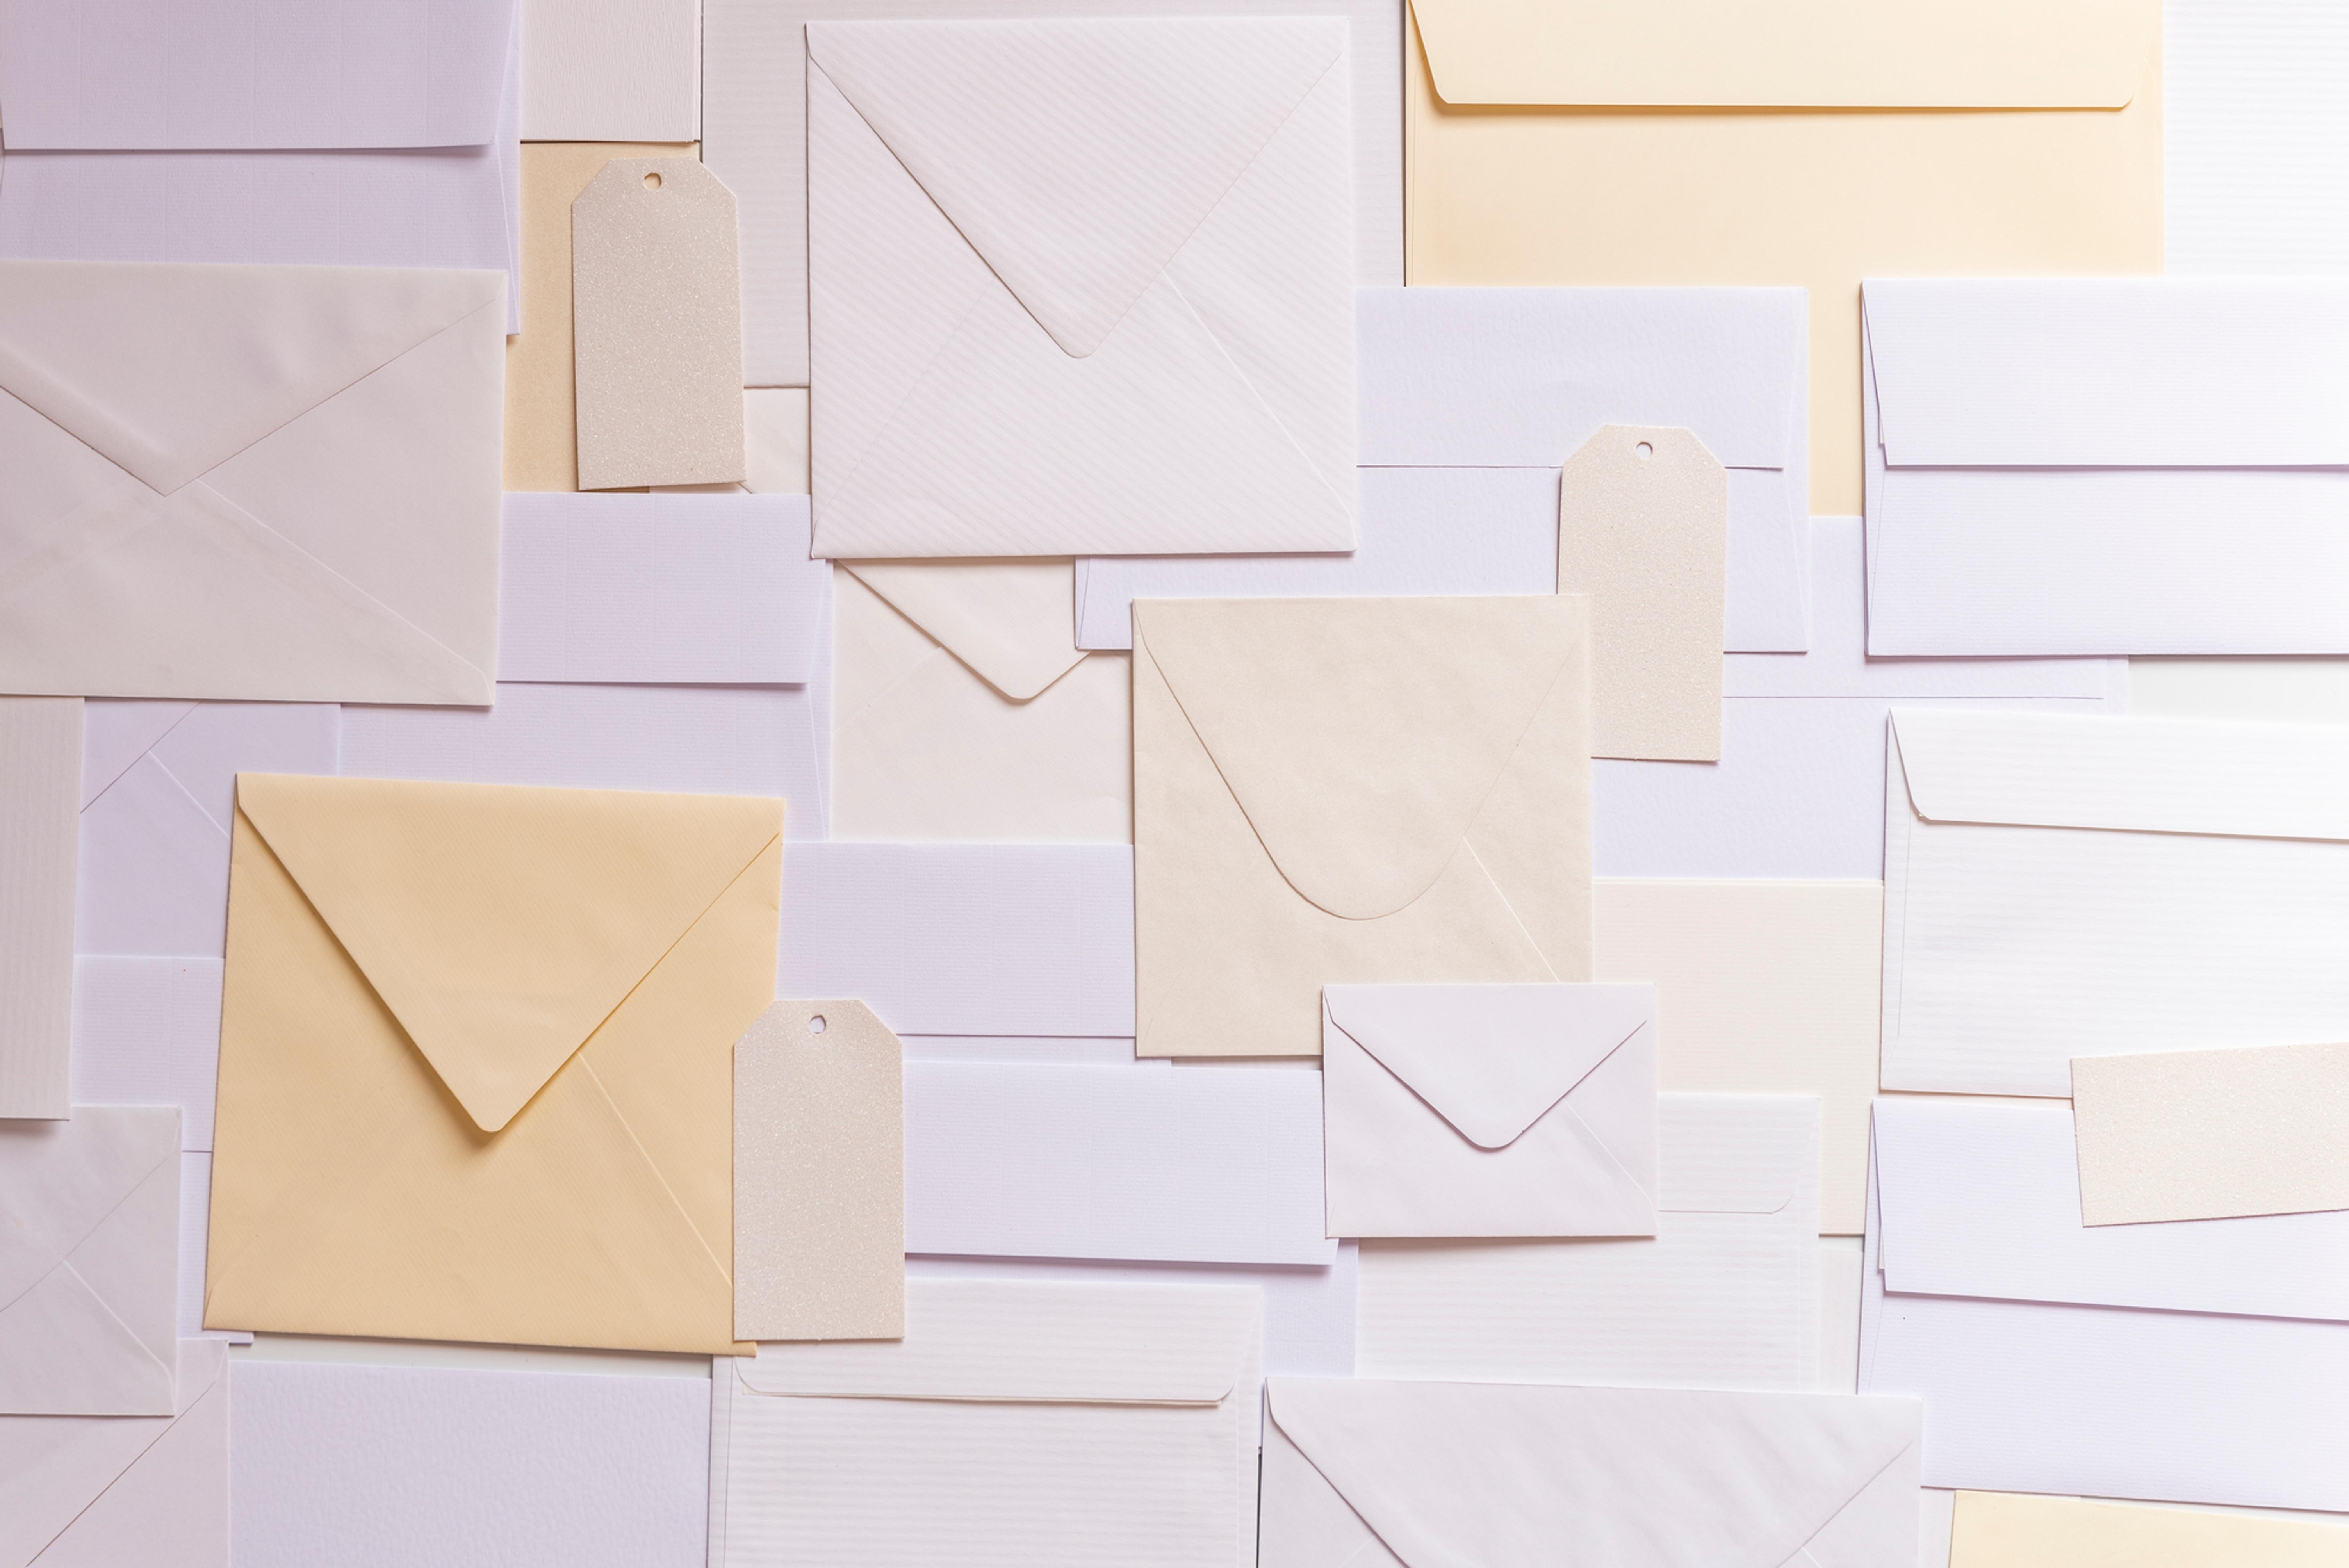 Lettres d'amour, de rupture et d'insulte